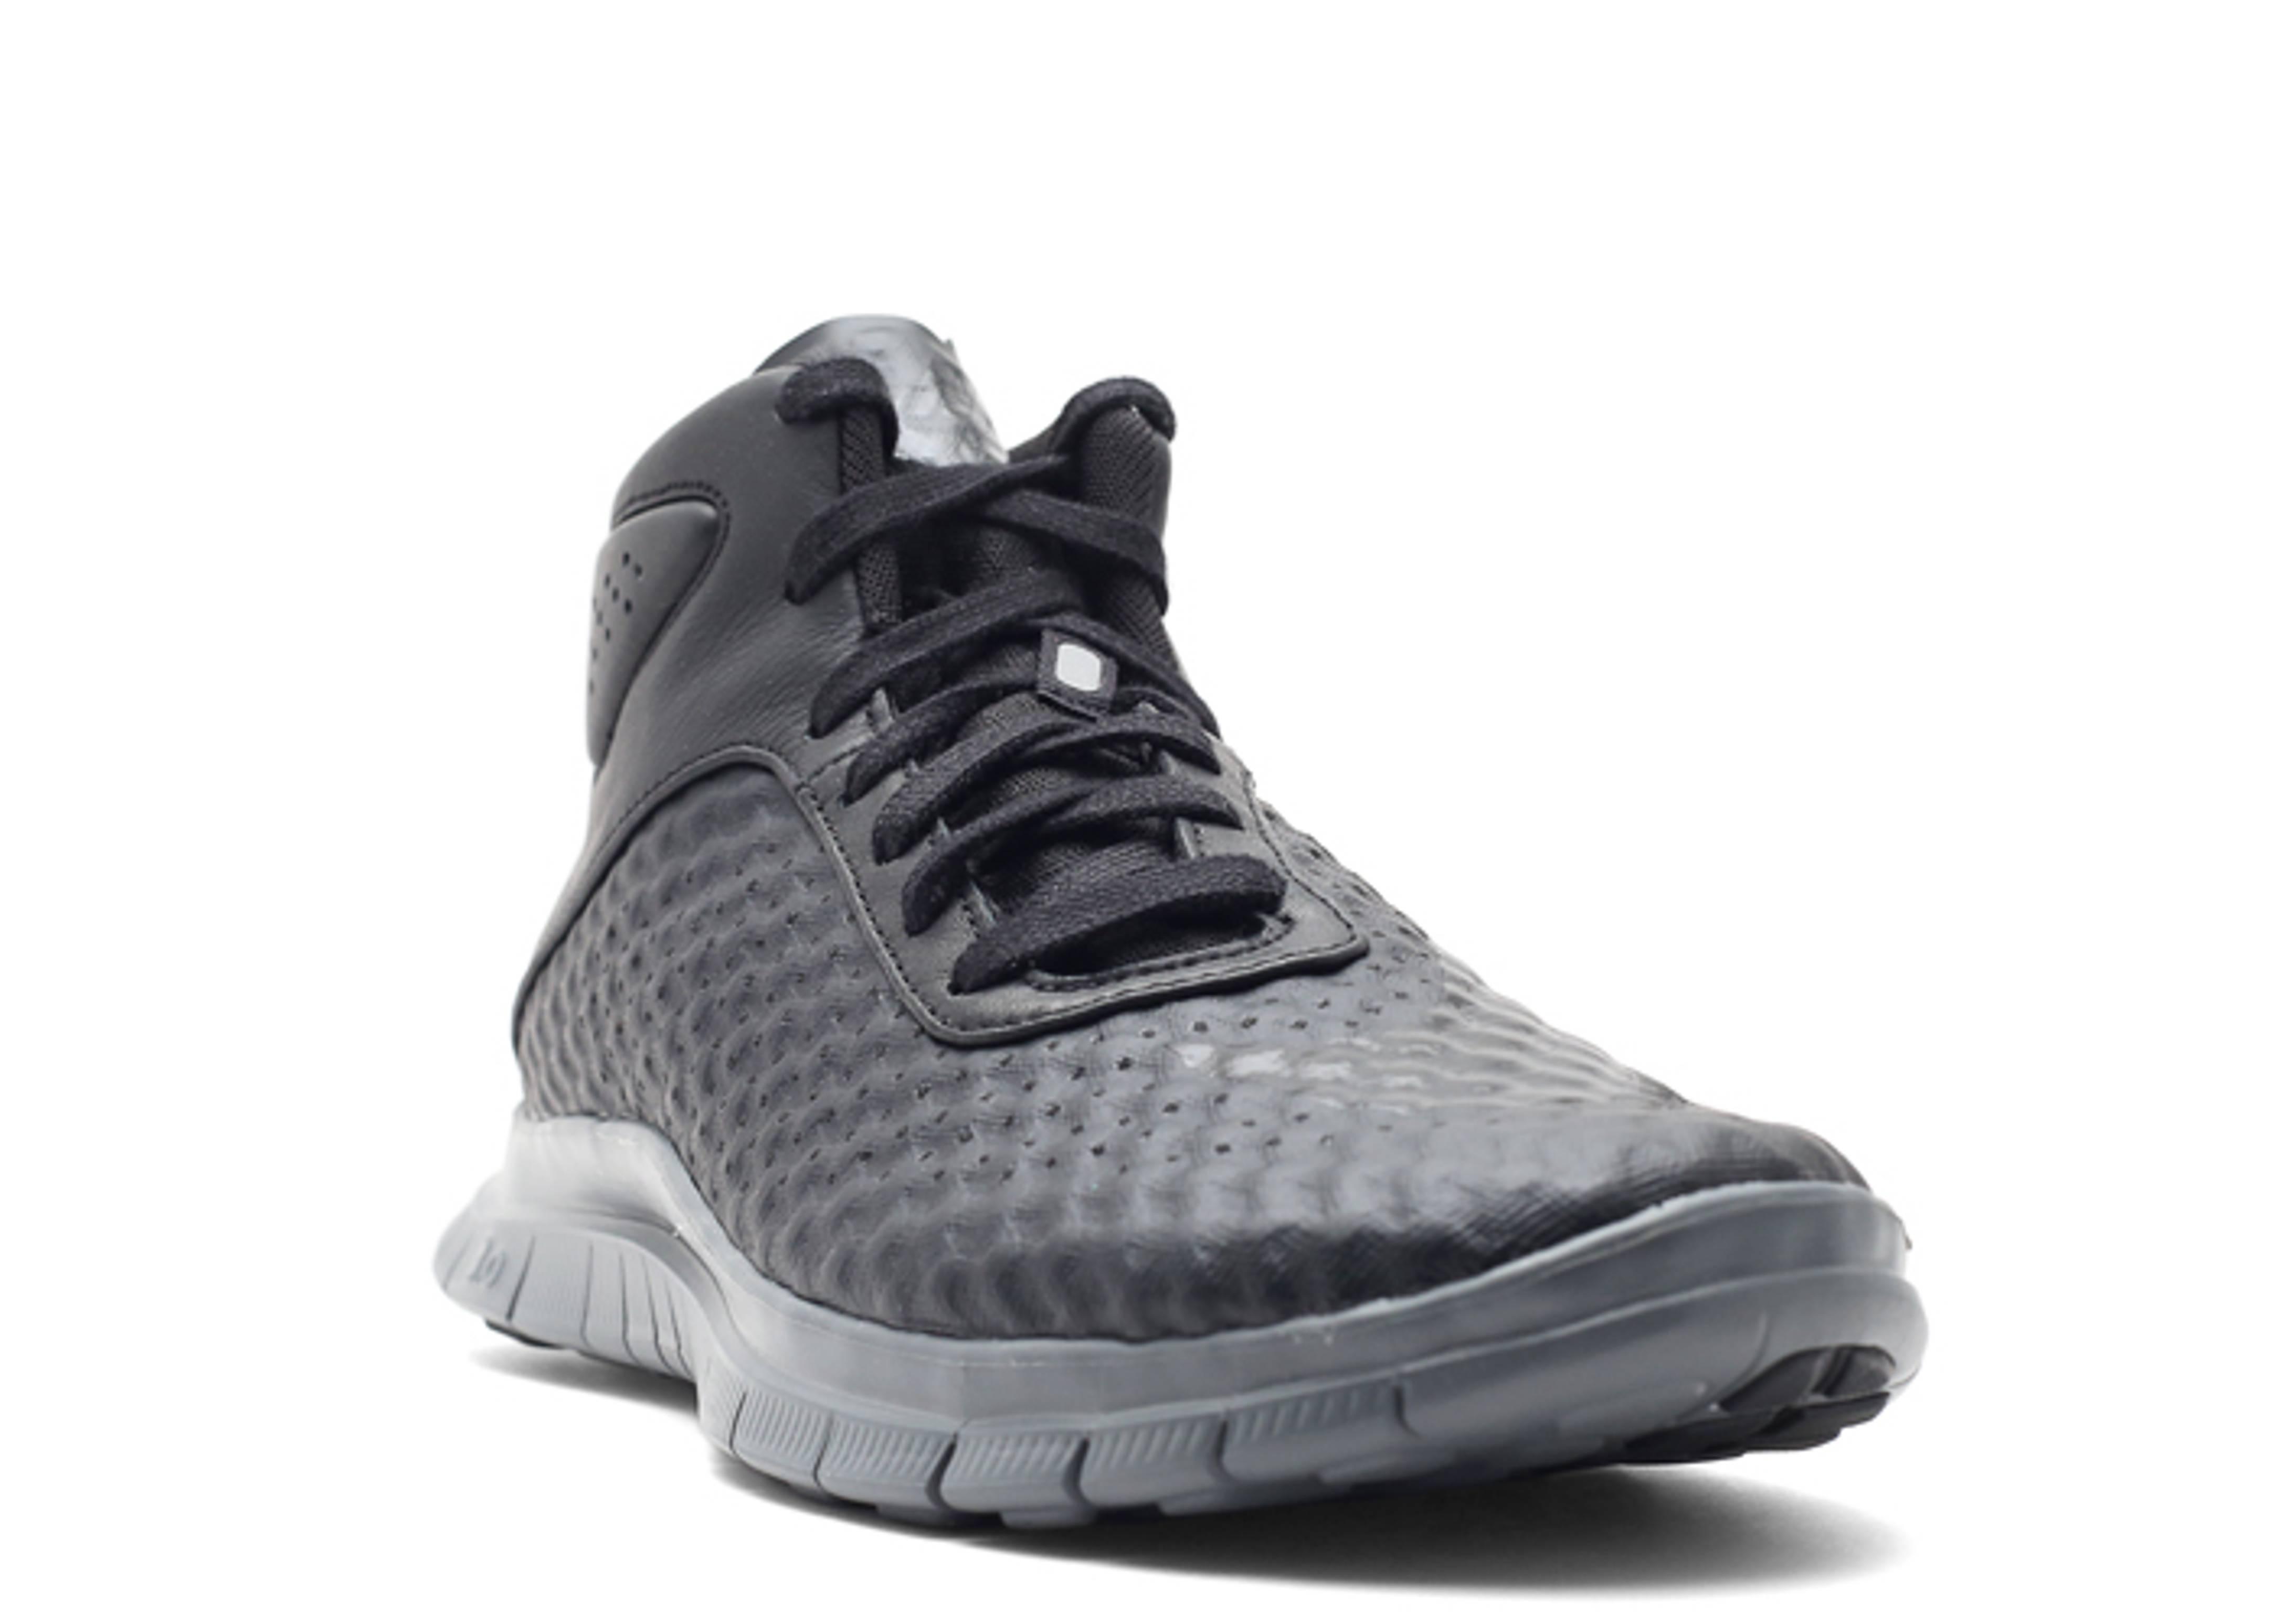 sneakers for cheap 45c0d ad325 Free Hypervenom Mid - Nike - 705496 001 - black/blavk-dark ...